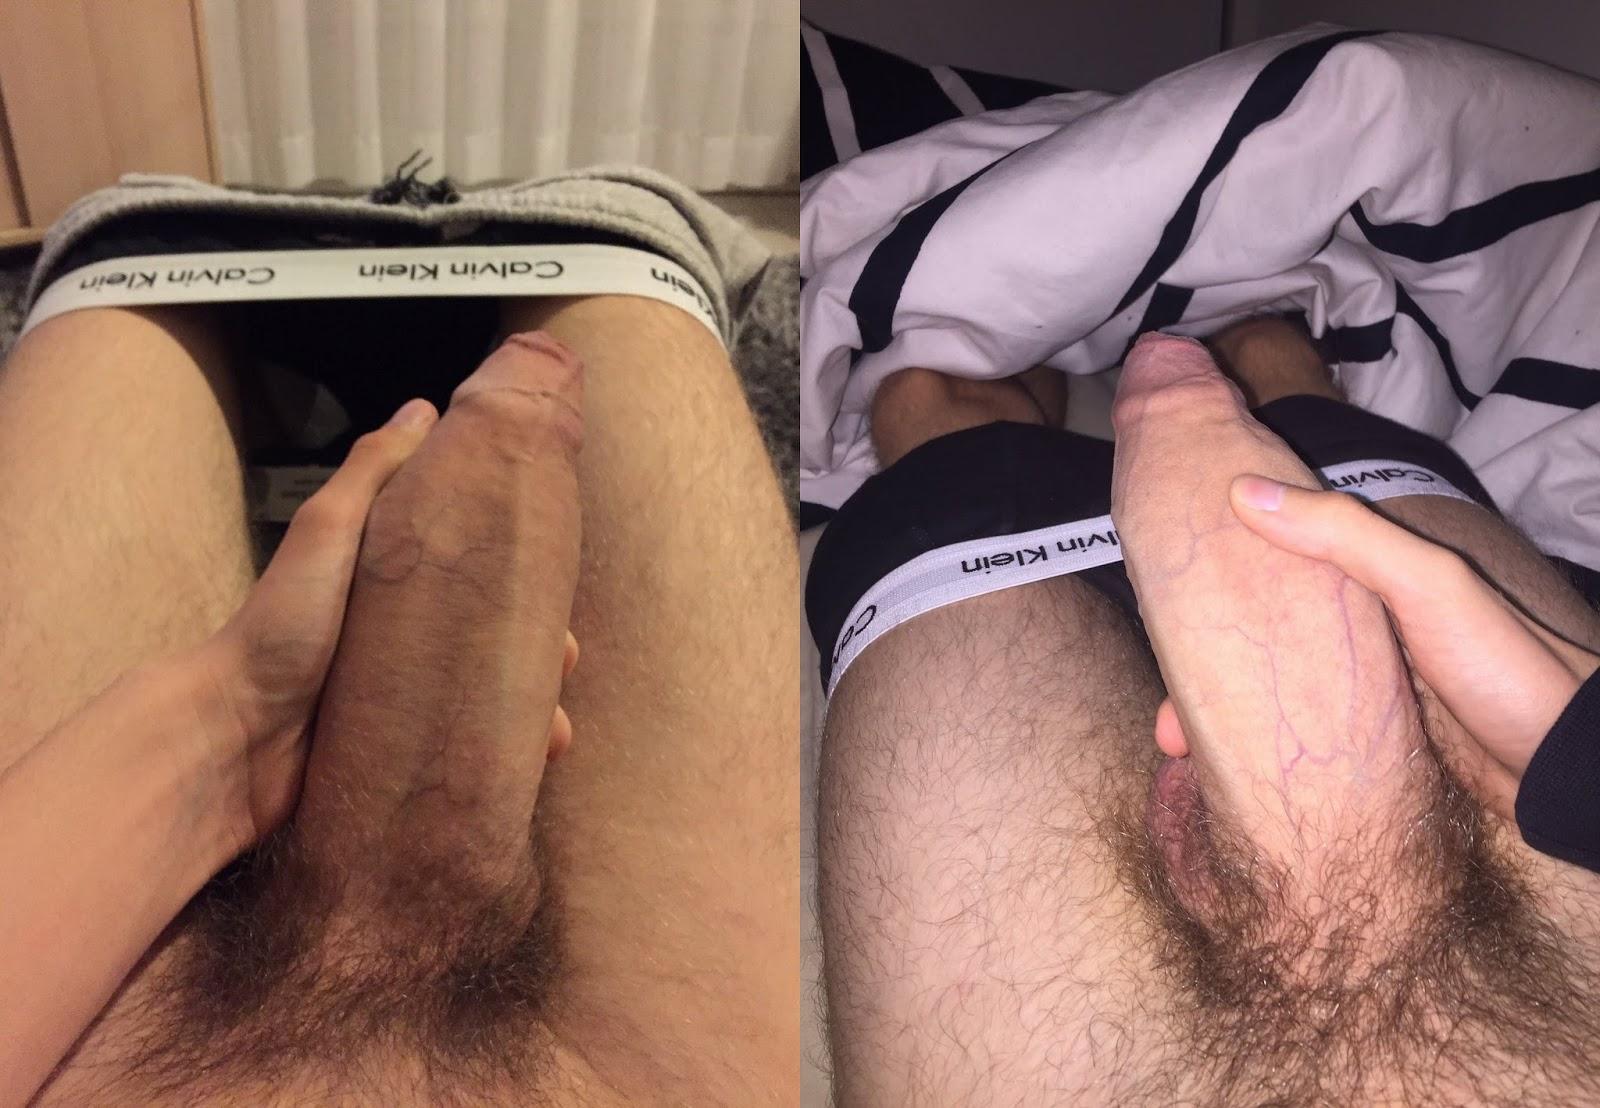 stringtrosor bilder big cock